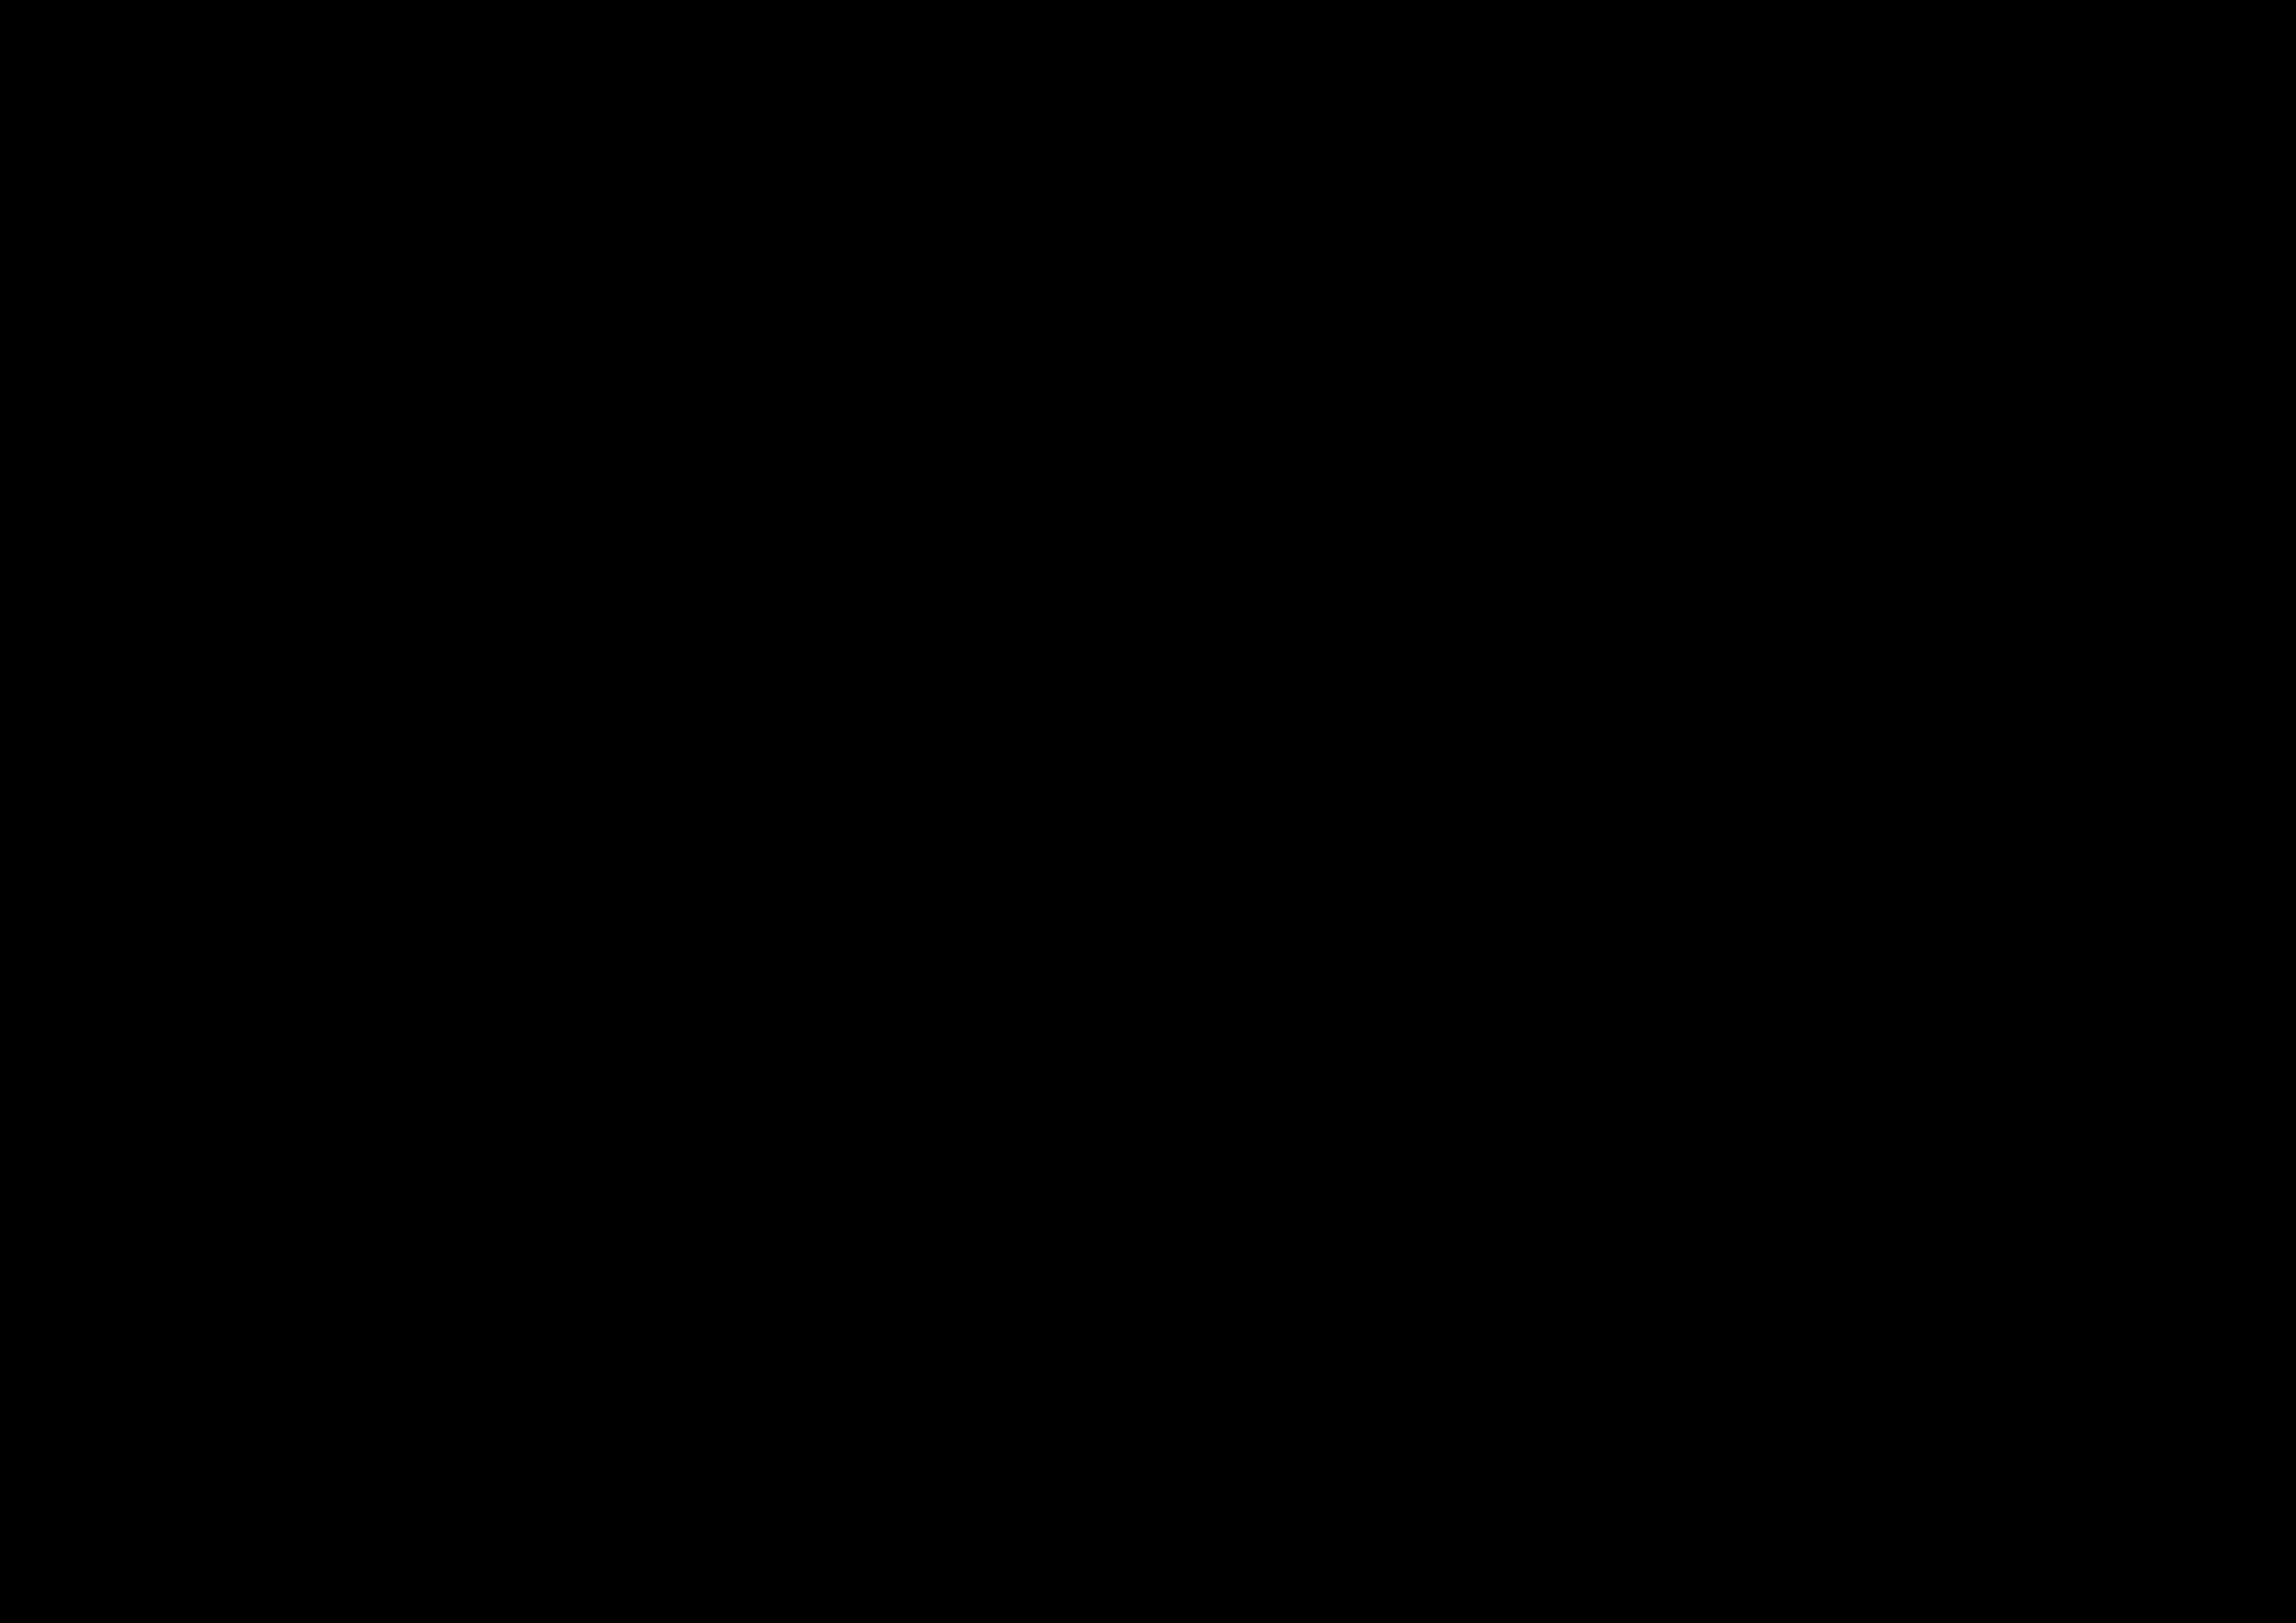 Clipart Fermata Music Symbol